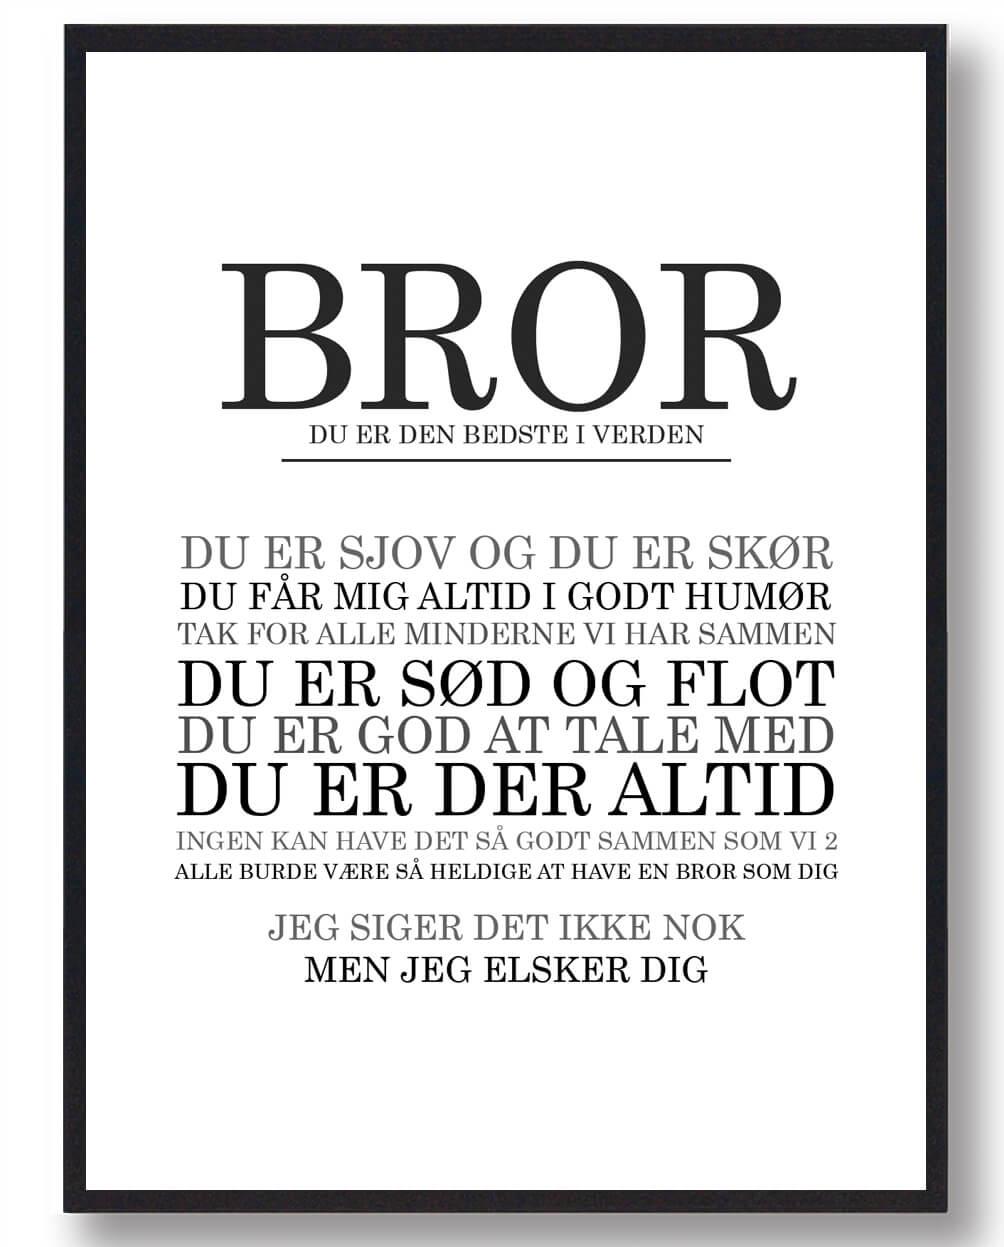 Bror - du er den bedste... plakat